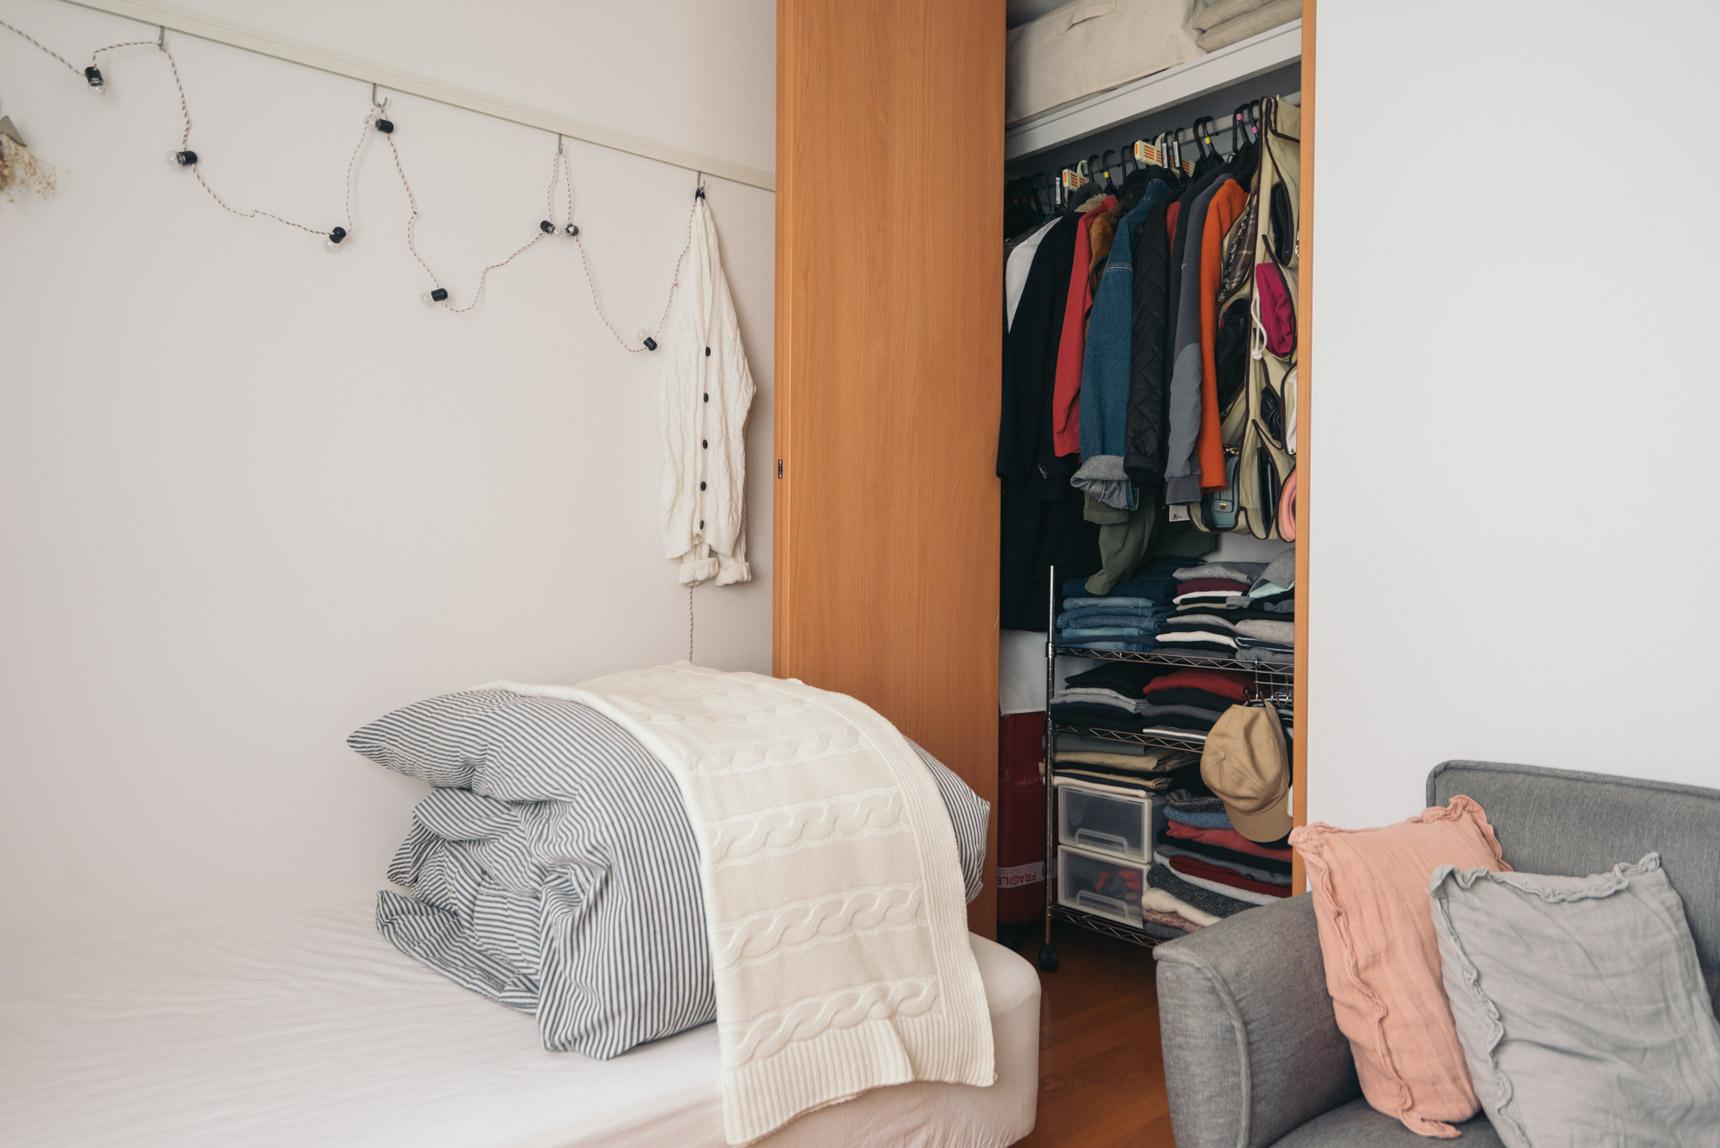 デッドスペースになりがちな足元にスチールラックを用意して、畳んで収納する方法も。